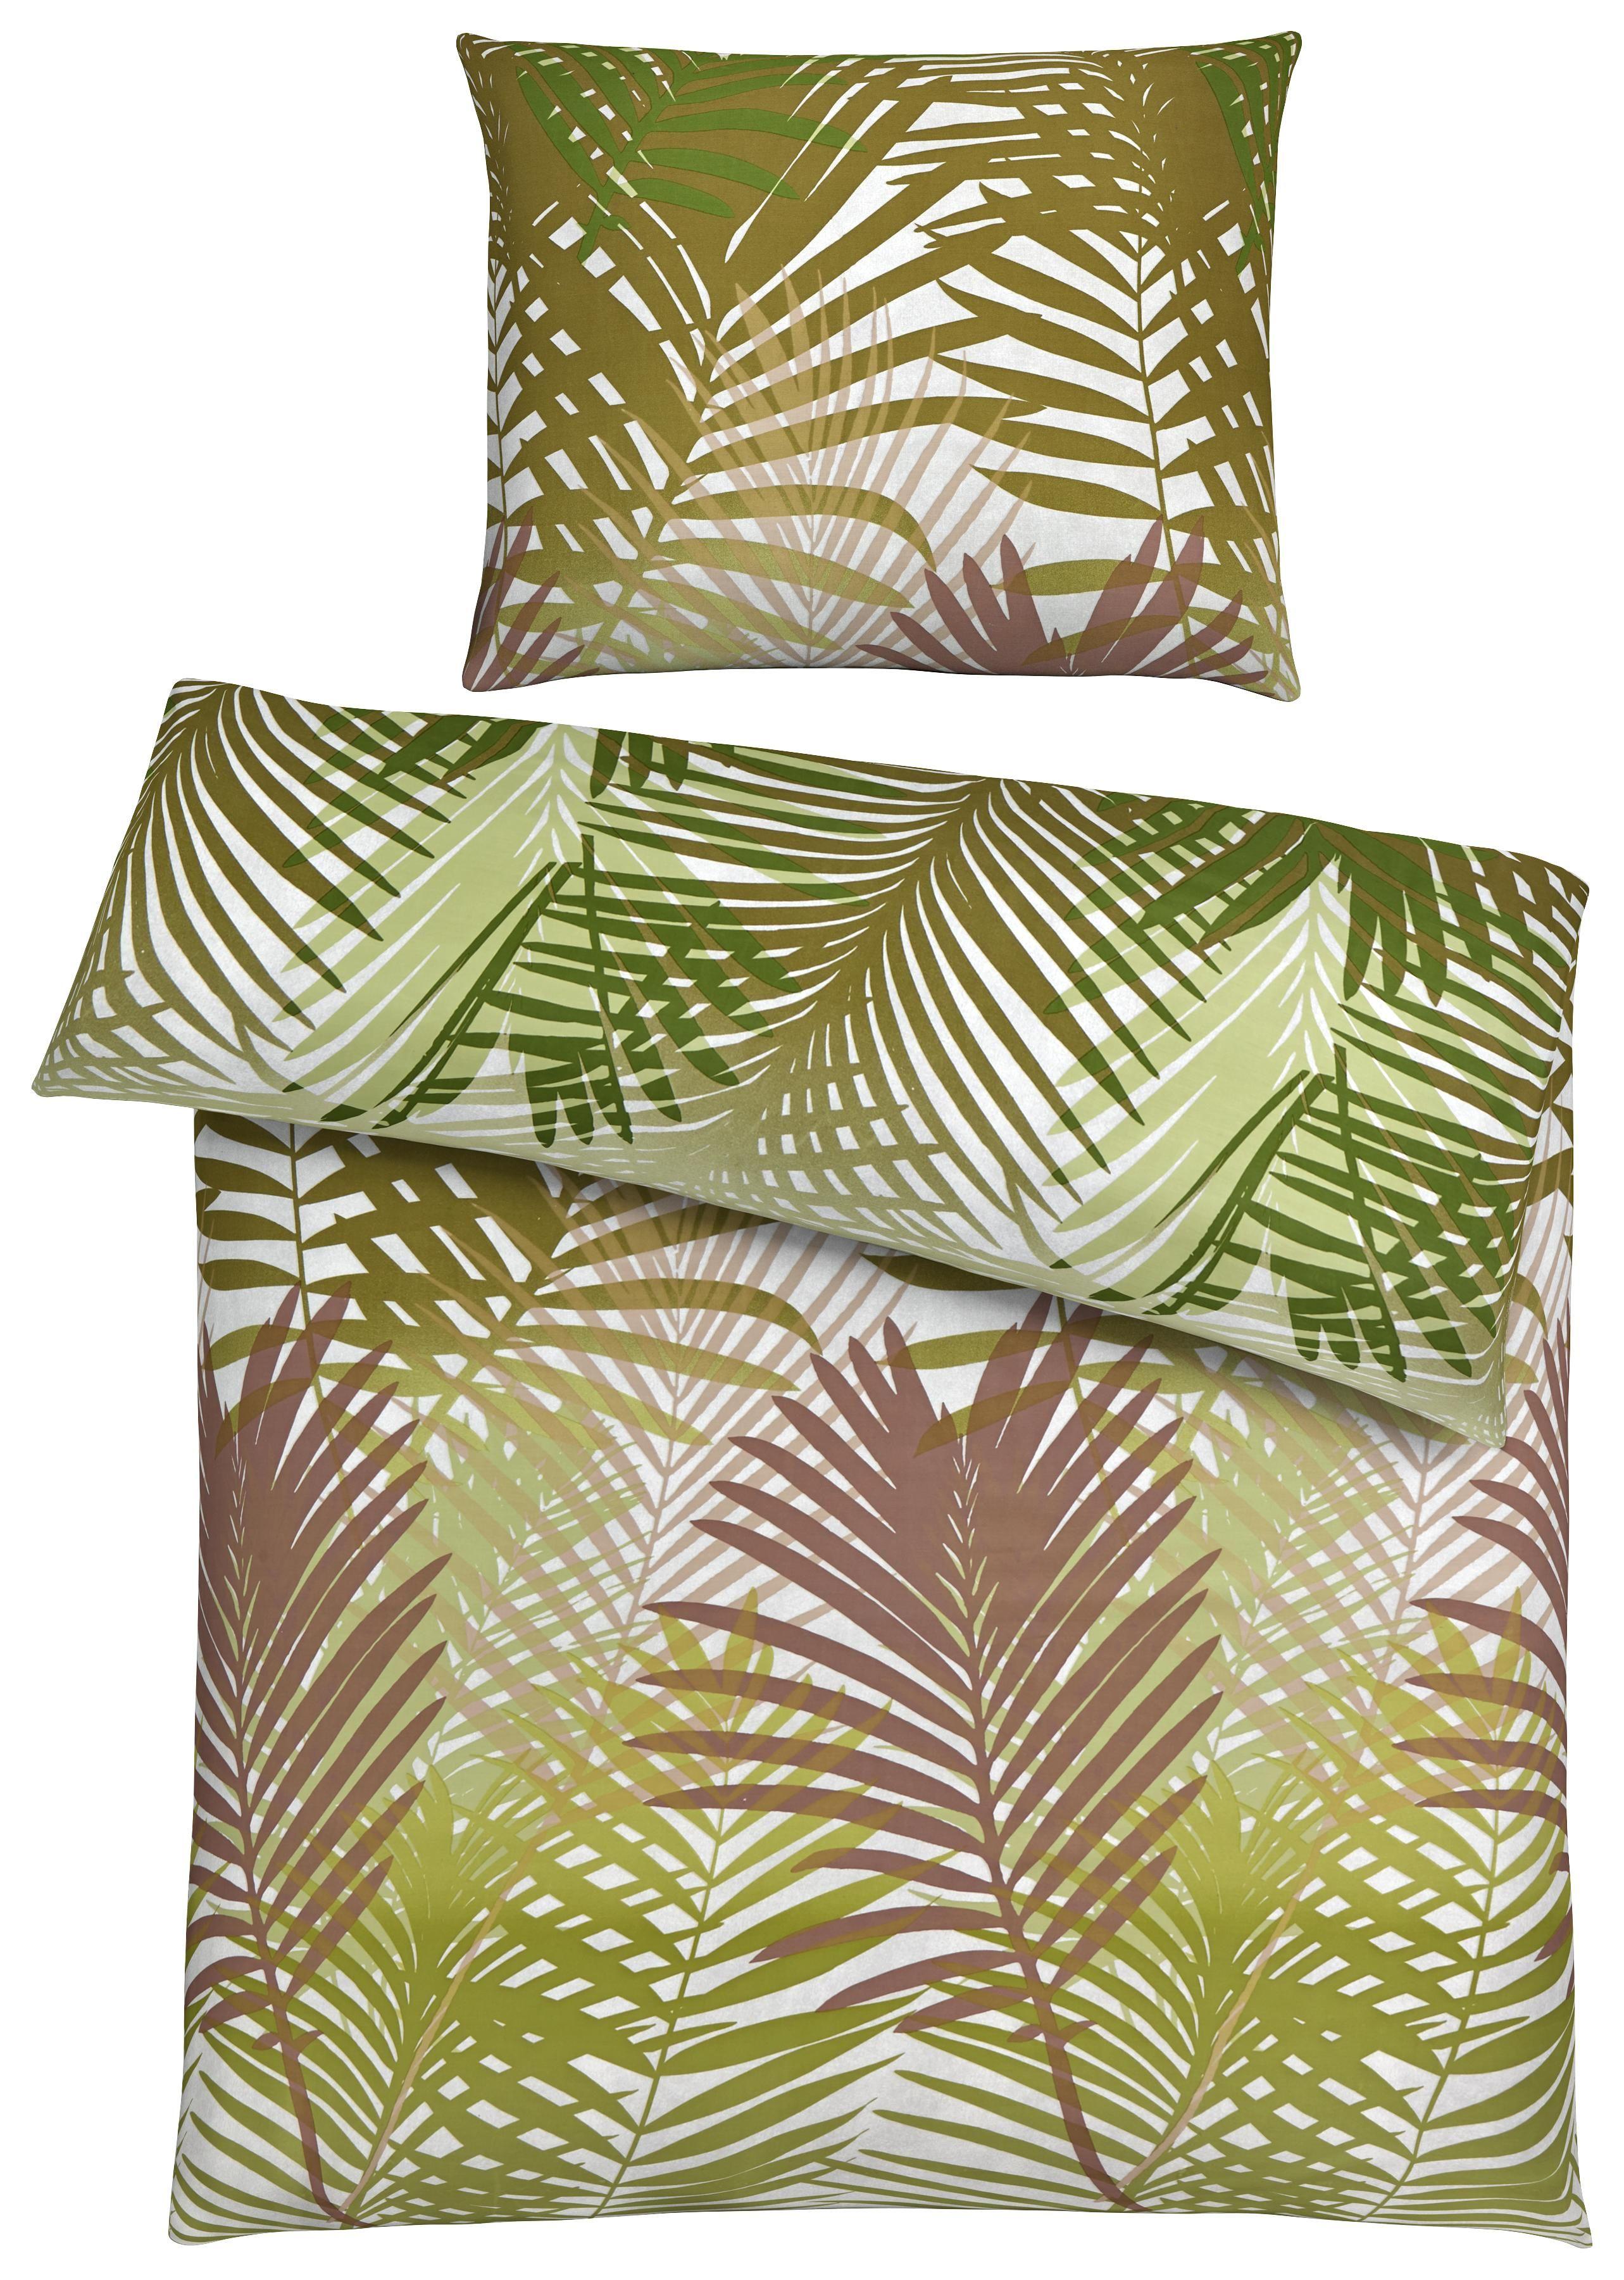 Grune Bettwasche Mit Tropischem Pflanzenmuster Grune Bettwasche